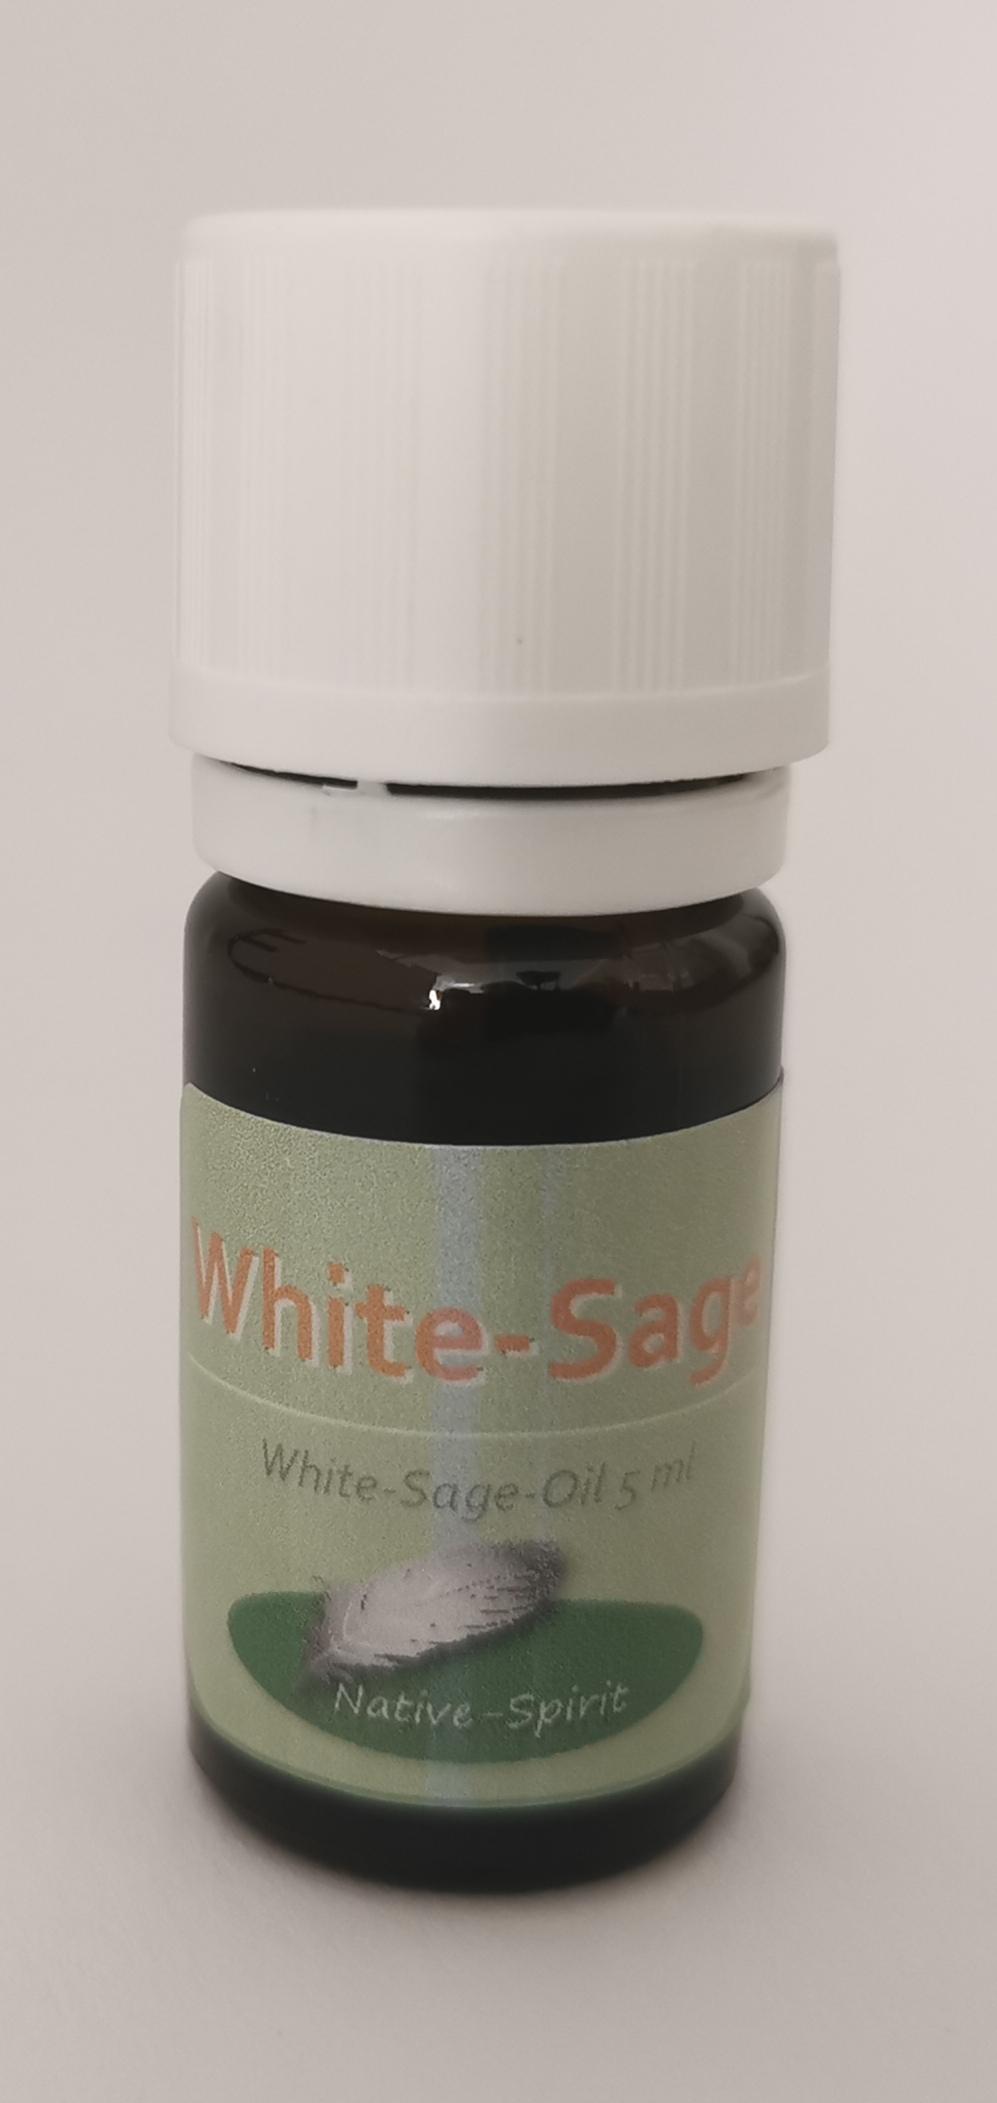 Weisser Salbei aetherisches oel - seltener, koestlicher erfrischender Duft aus dem suedwesten der US